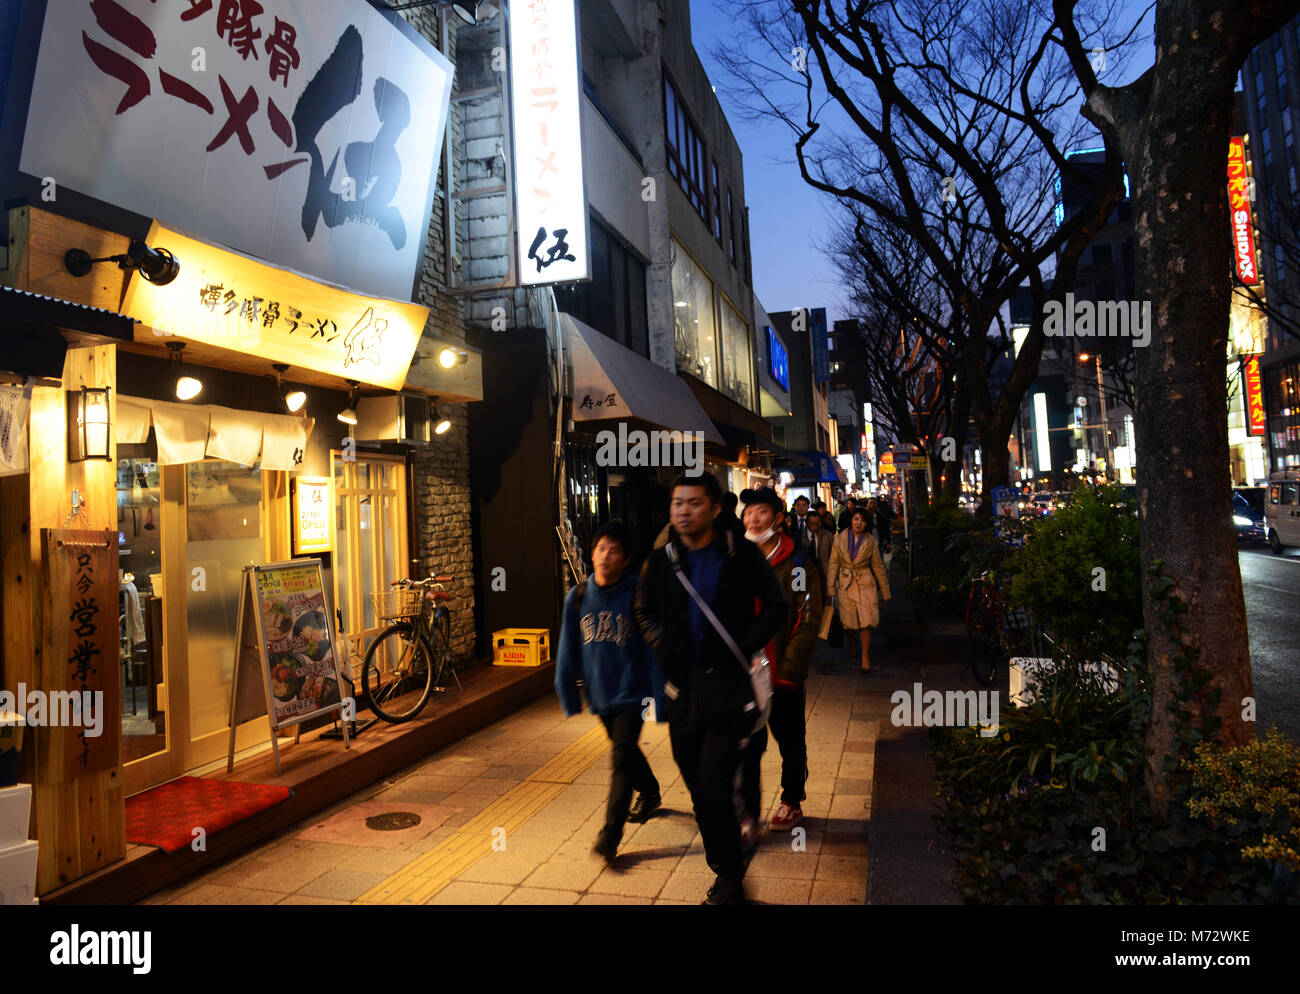 Fukuoka's city center. - Stock Image